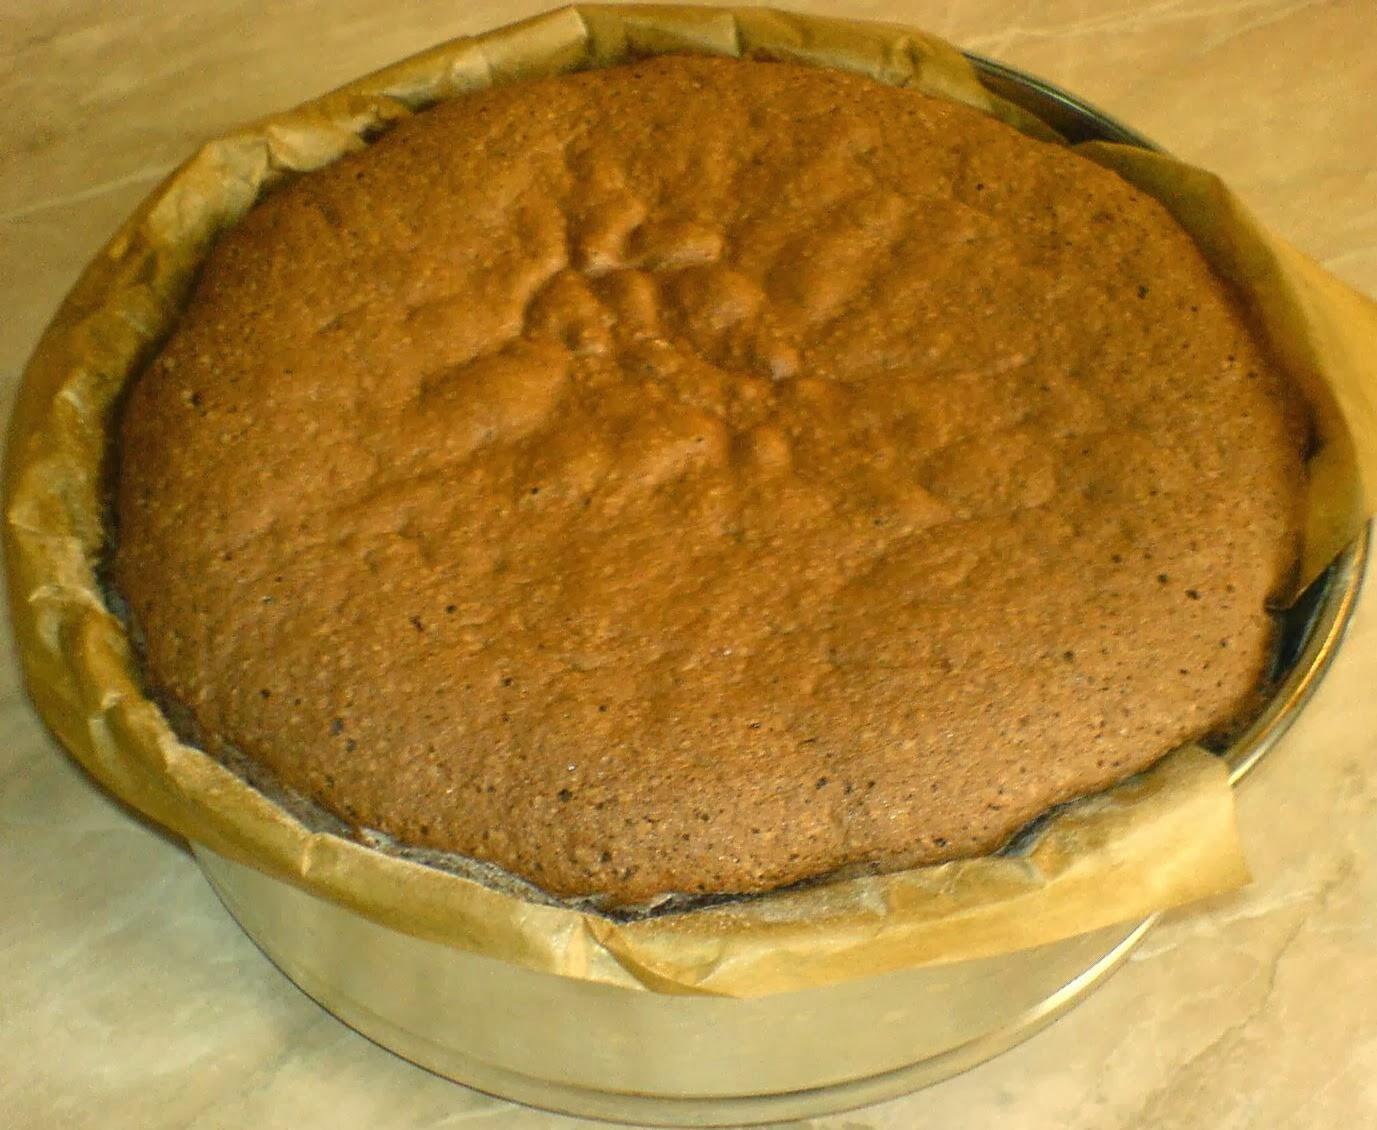 blat de tort, pandispan, torturi, prajituri, dulciuri, retete culinare, preparate culinare, tort, retete de prajituri, retete pandispan,